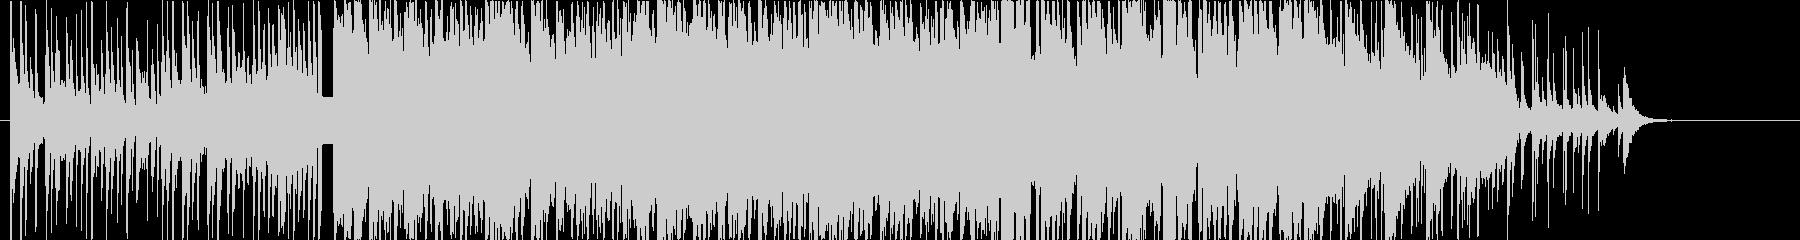 激しくダークな三味線ロック-短縮版-の未再生の波形